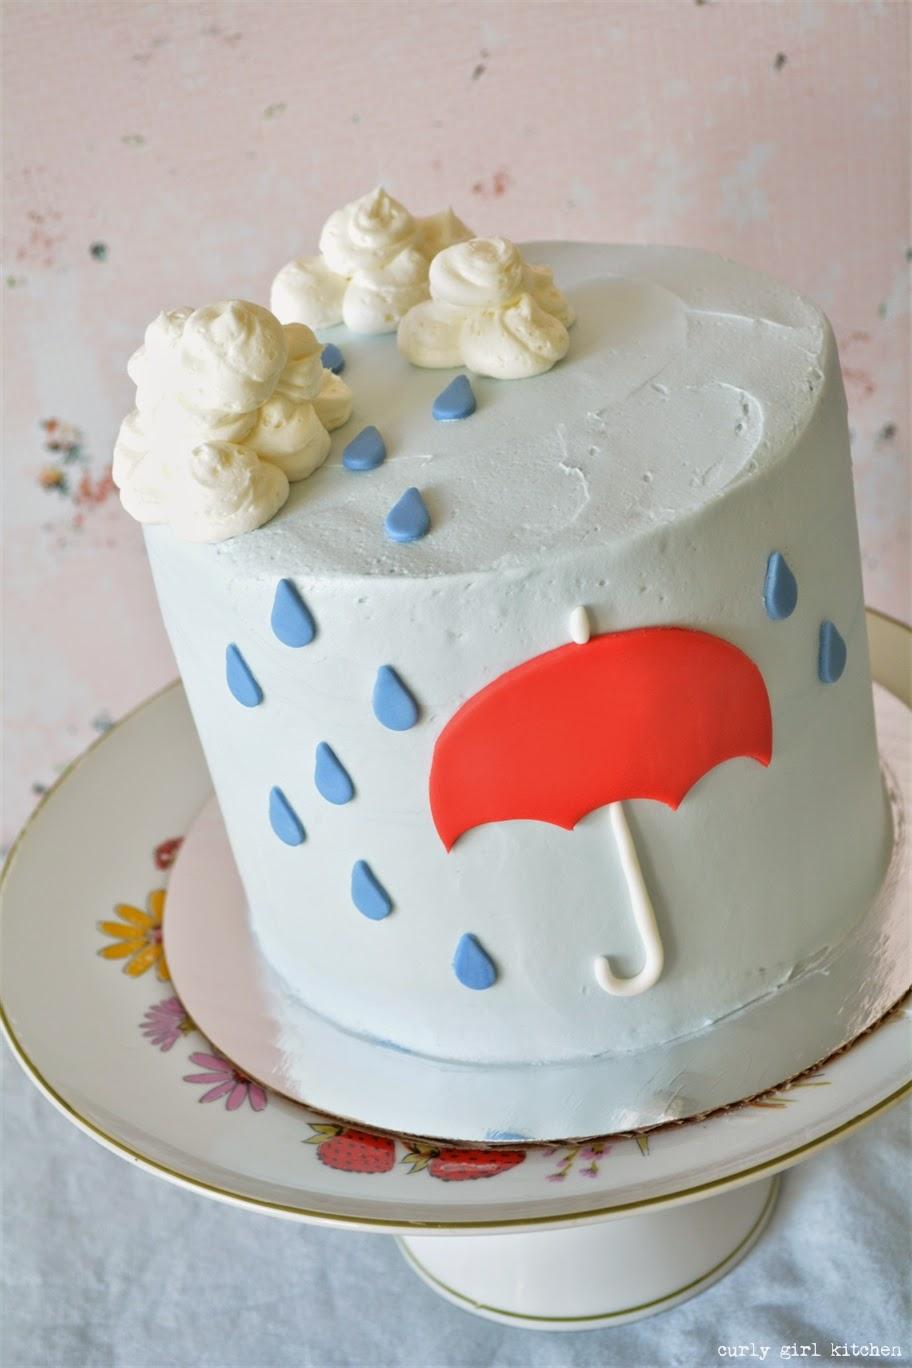 Curly Girl Kitchen Rain Rain Cake